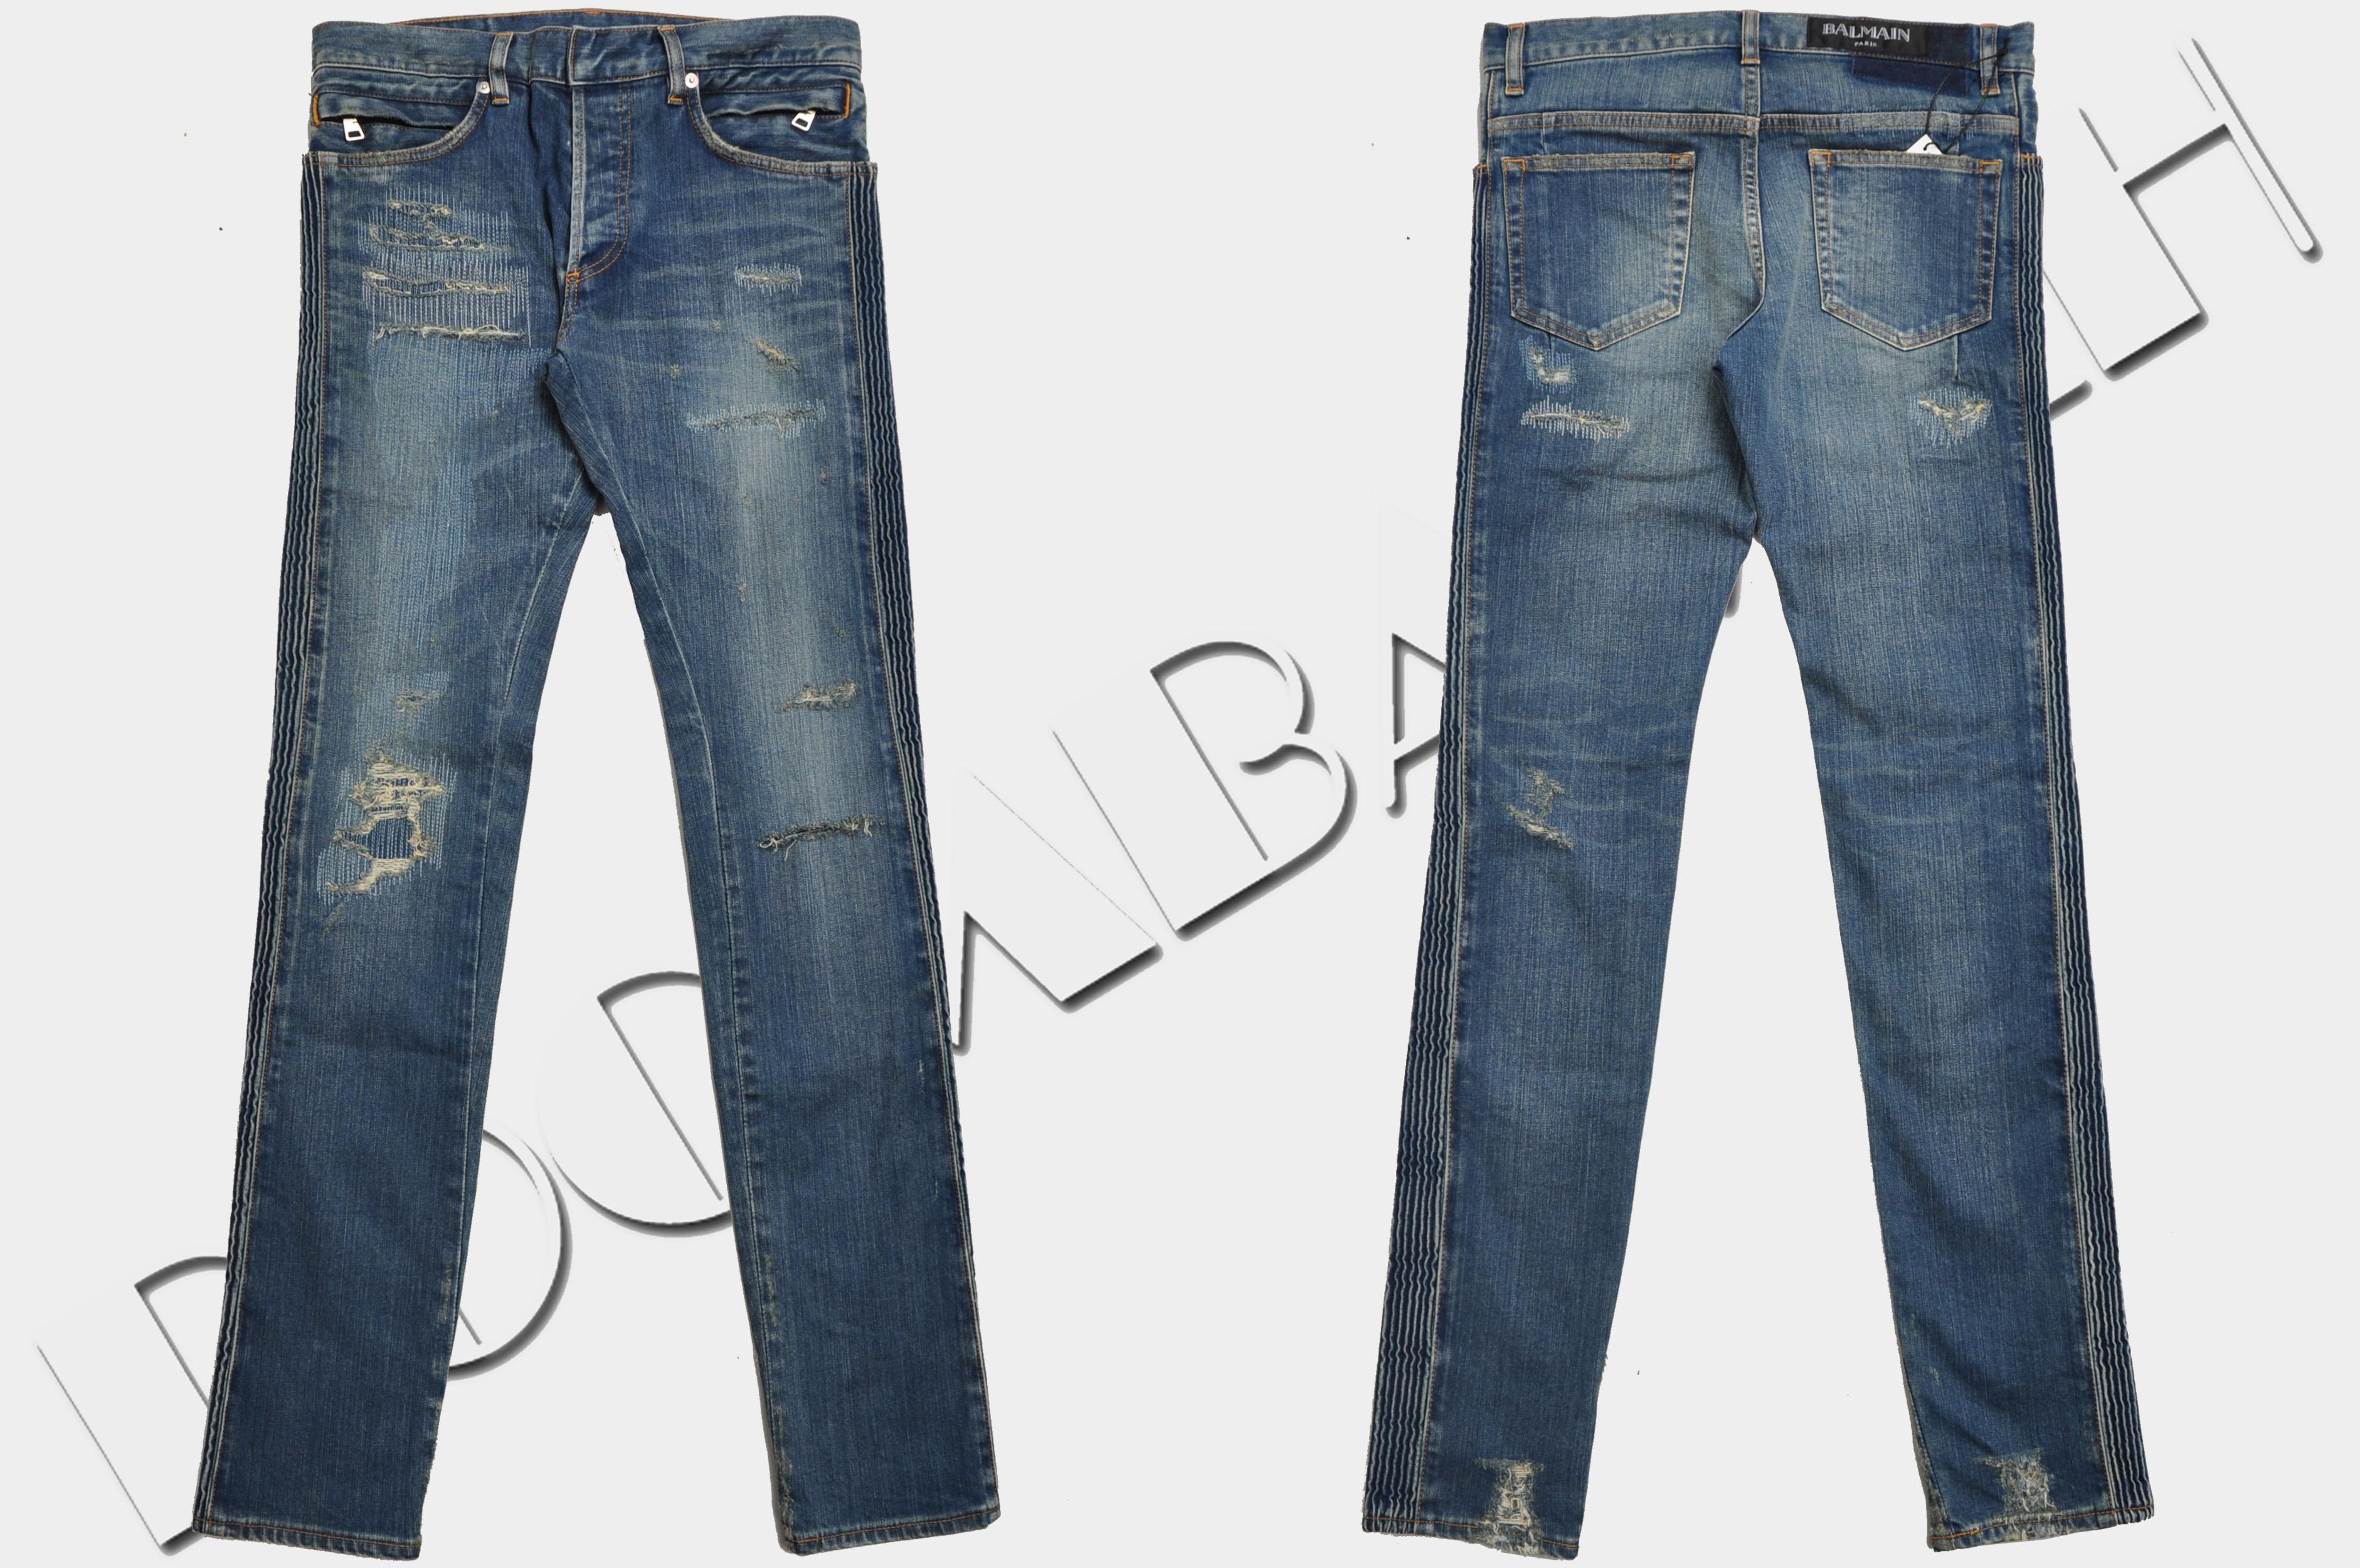 ea549975 Details about BALMAIN 1500$ Authentic New Distressed Slim Fit Skinny Blue Biker  Jeans sz 31